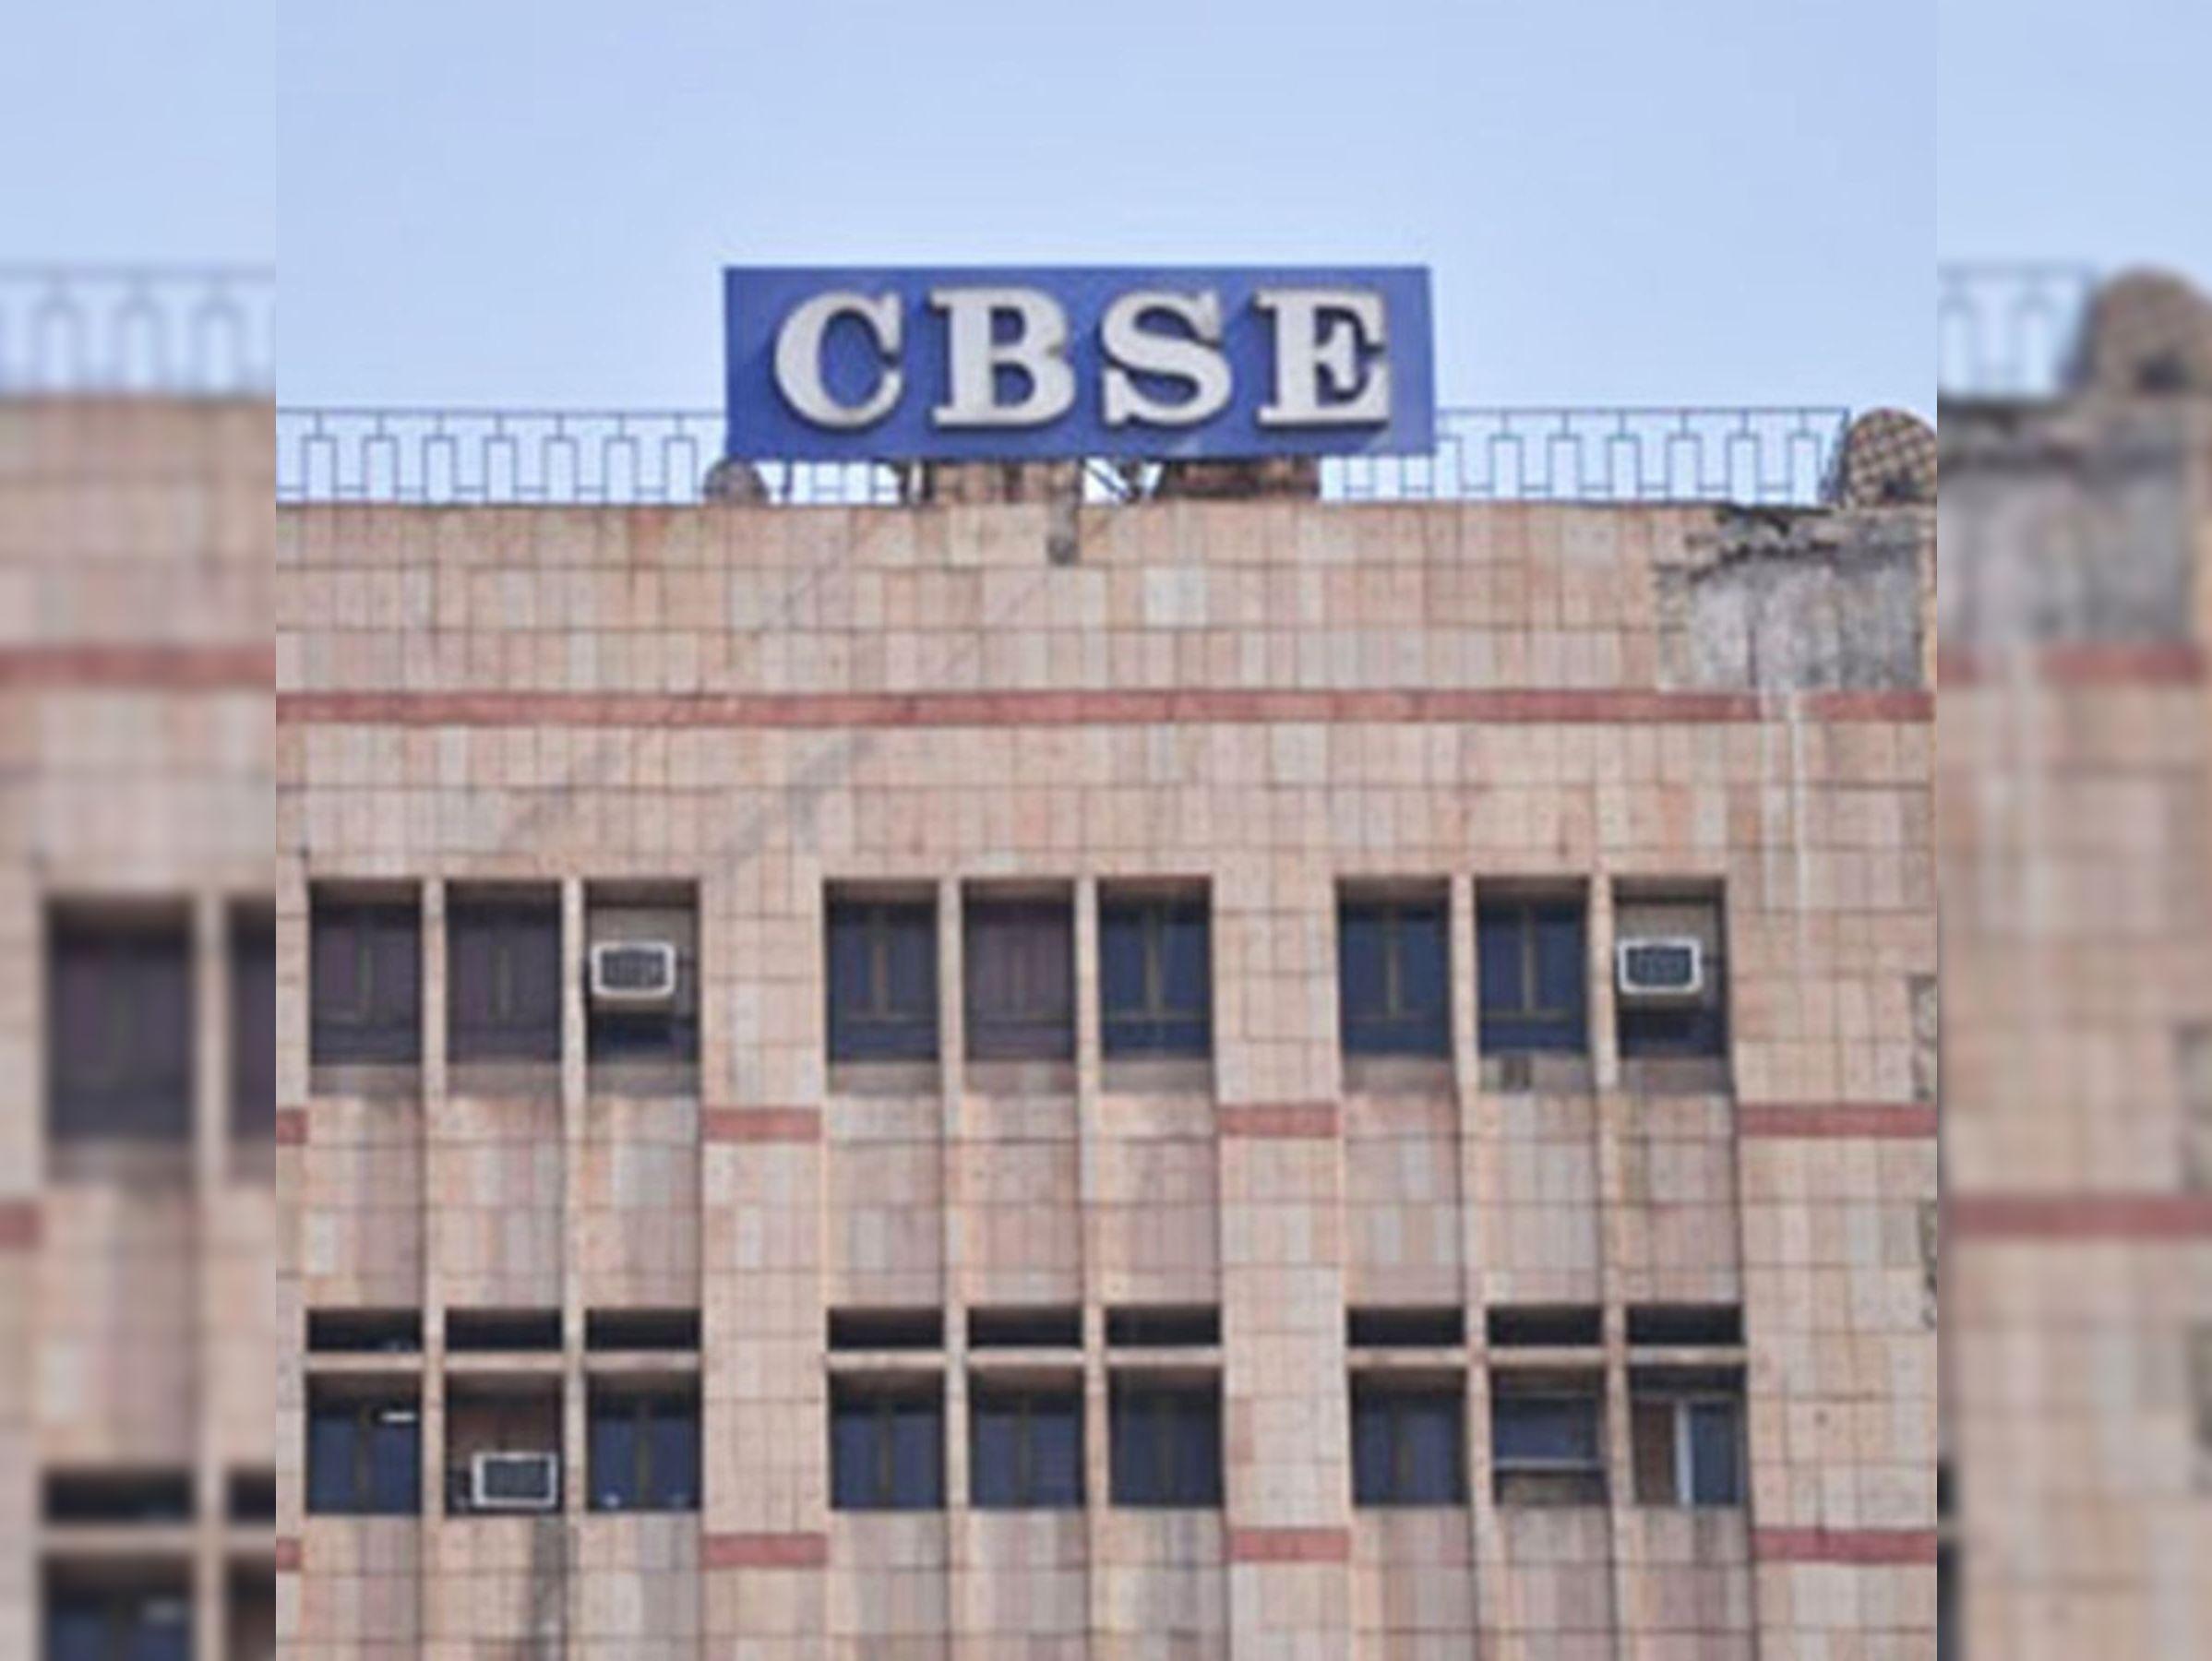 सीबीएसई में नई मूल्यांकन पद्धति से पिछले वर्षों से बेहतर नहीं रहेगा 10वीं का रिजल्ट|जयपुर,Jaipur - Dainik Bhaskar